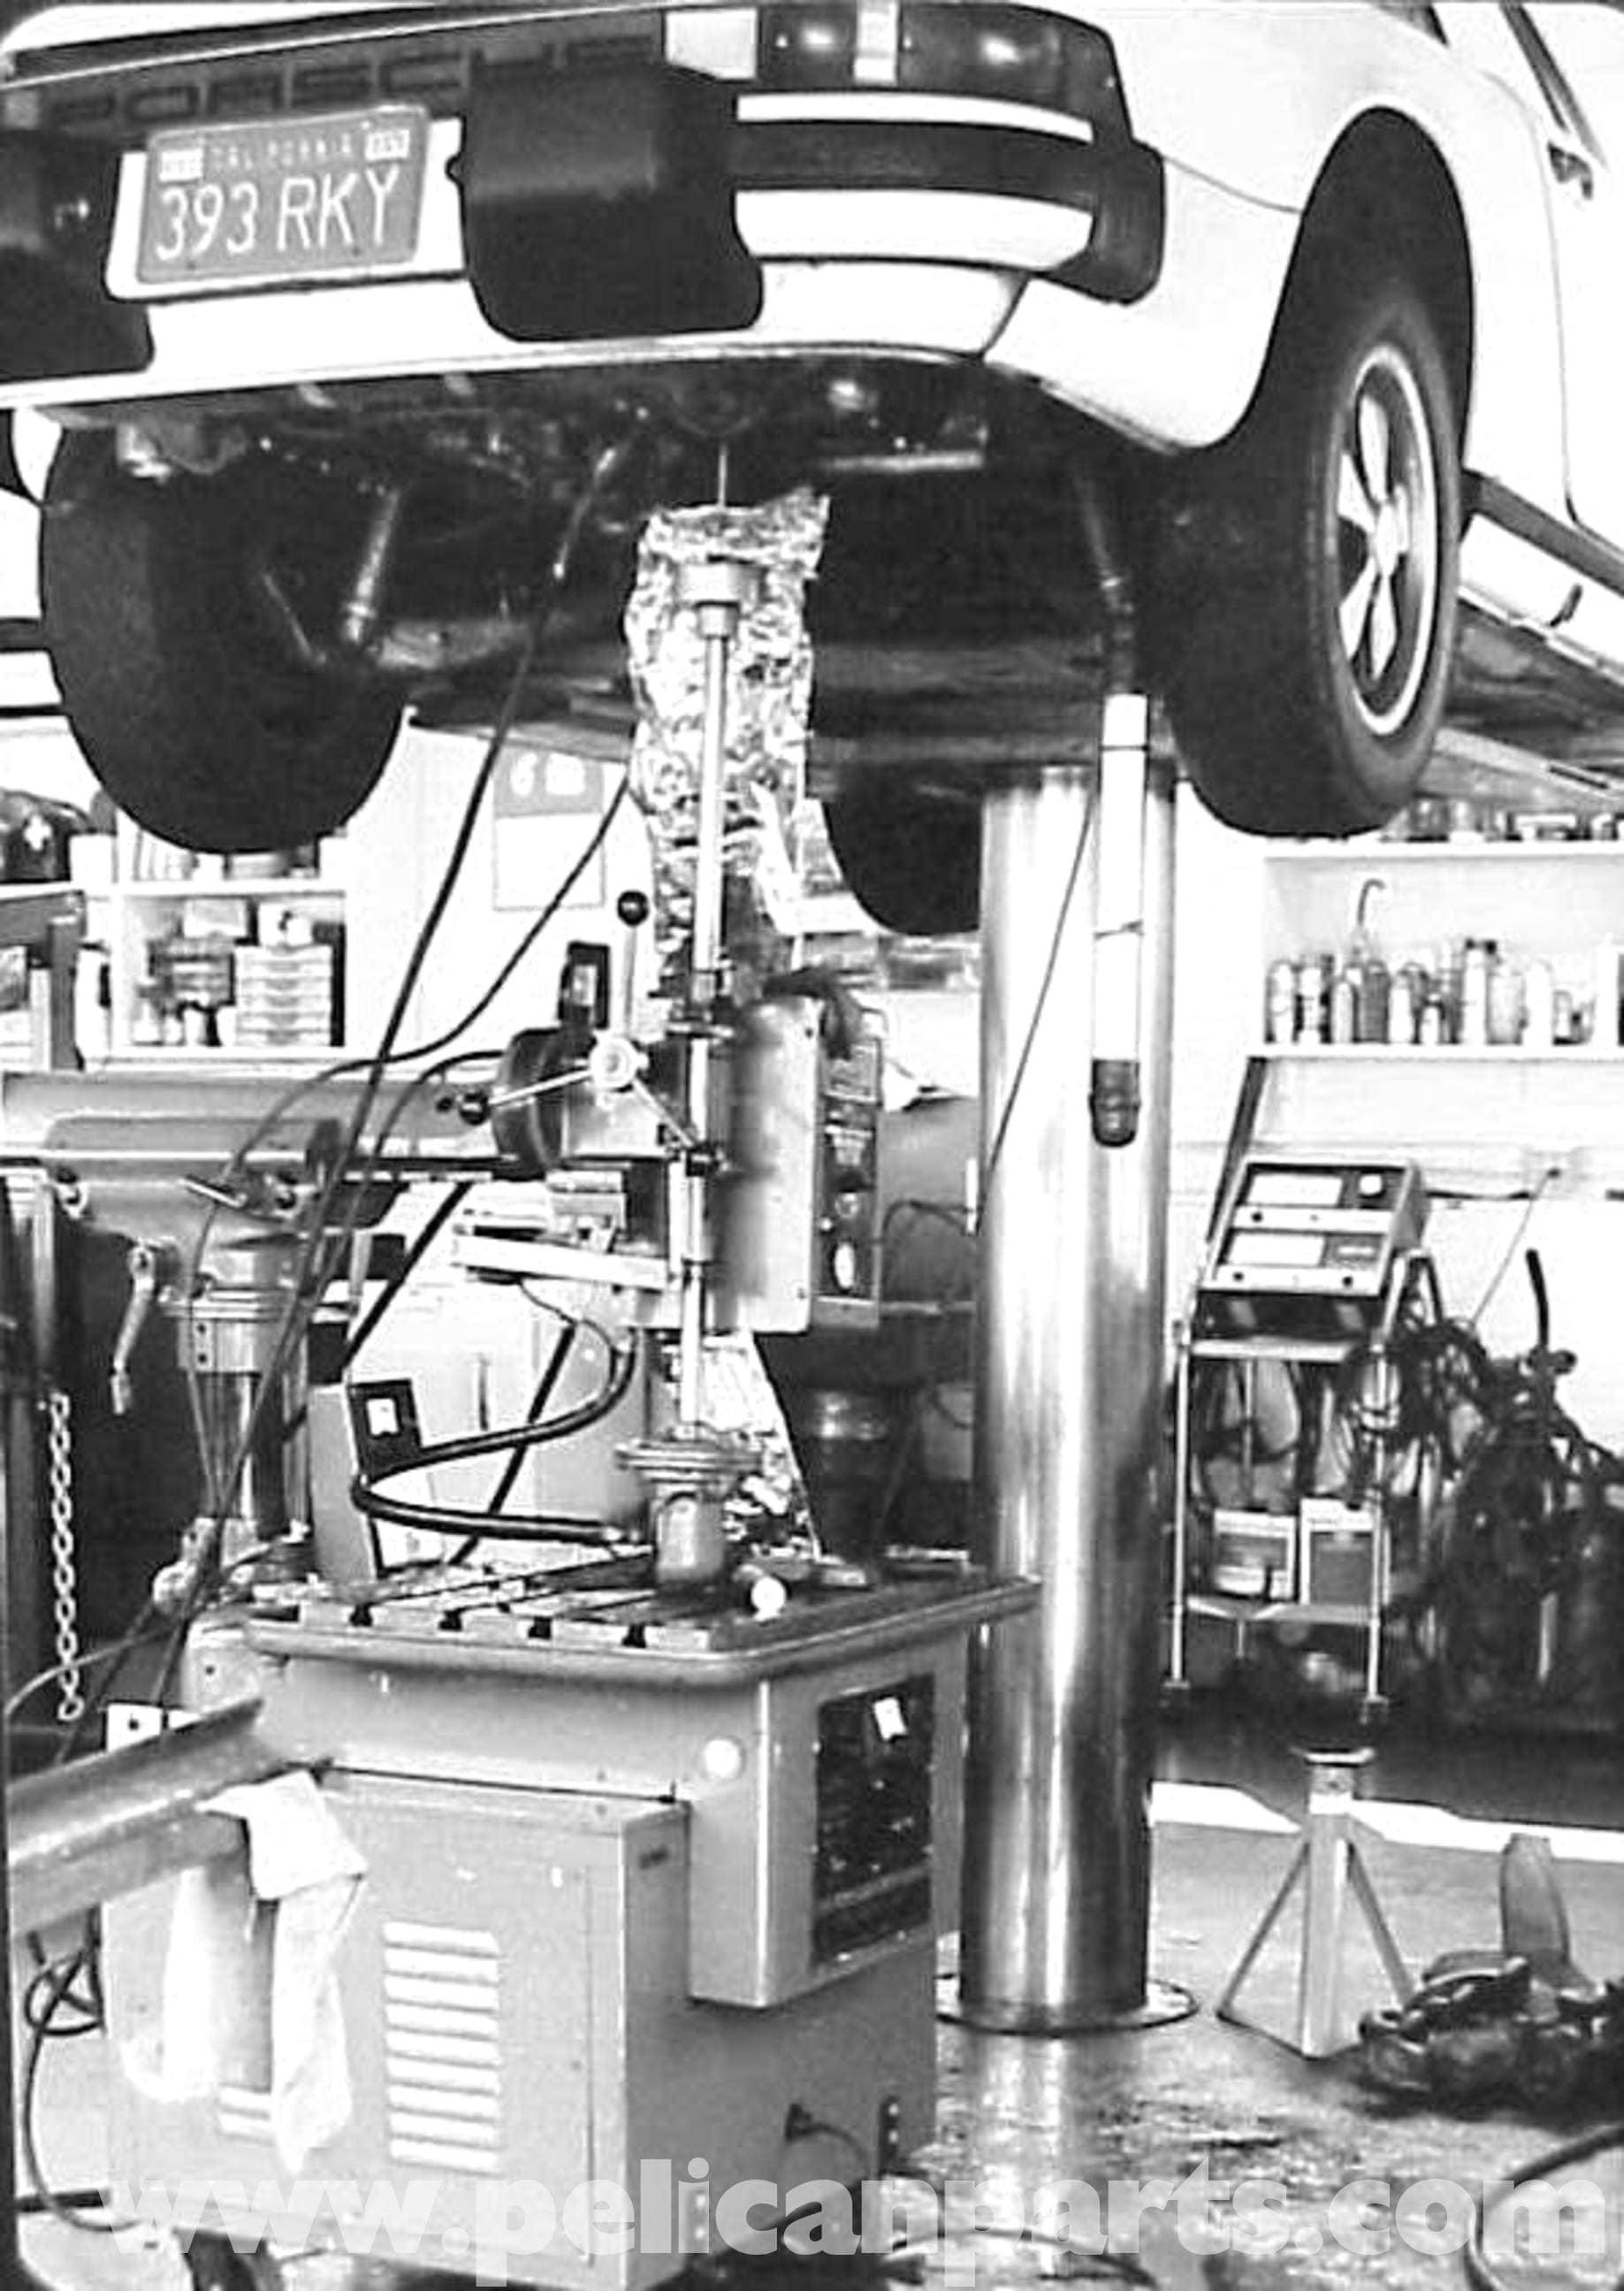 Fuel Gauge Wiring Diagram Likewise 1972 Corvette Wiper Wiring Diagram